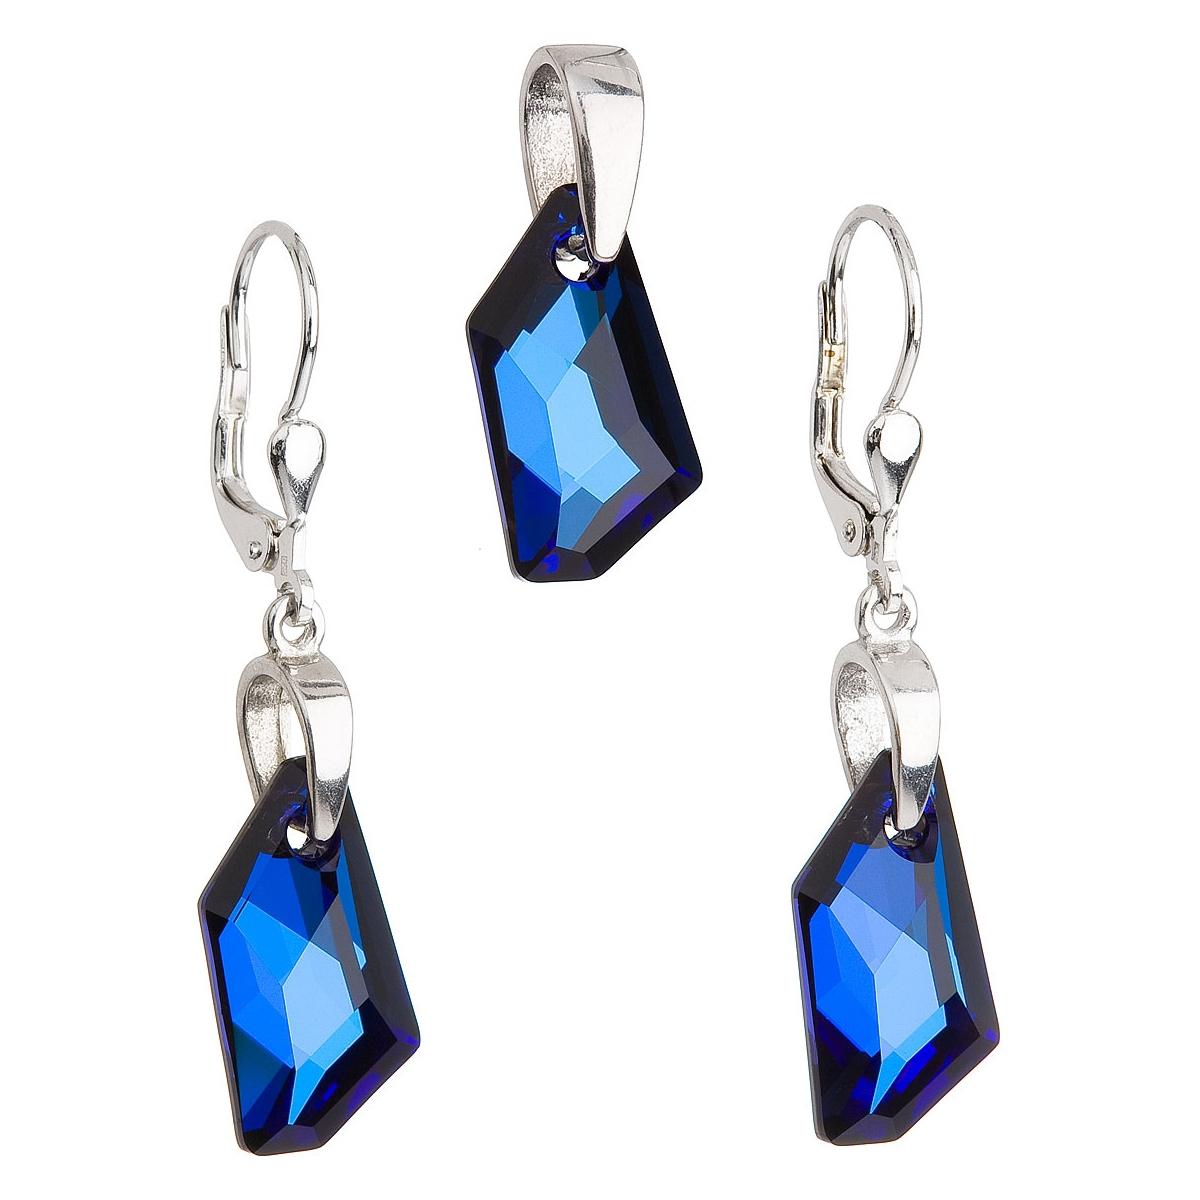 Sada šperků s kameny Crystals from Swarovski® Bermuda Blue EG3026-BB